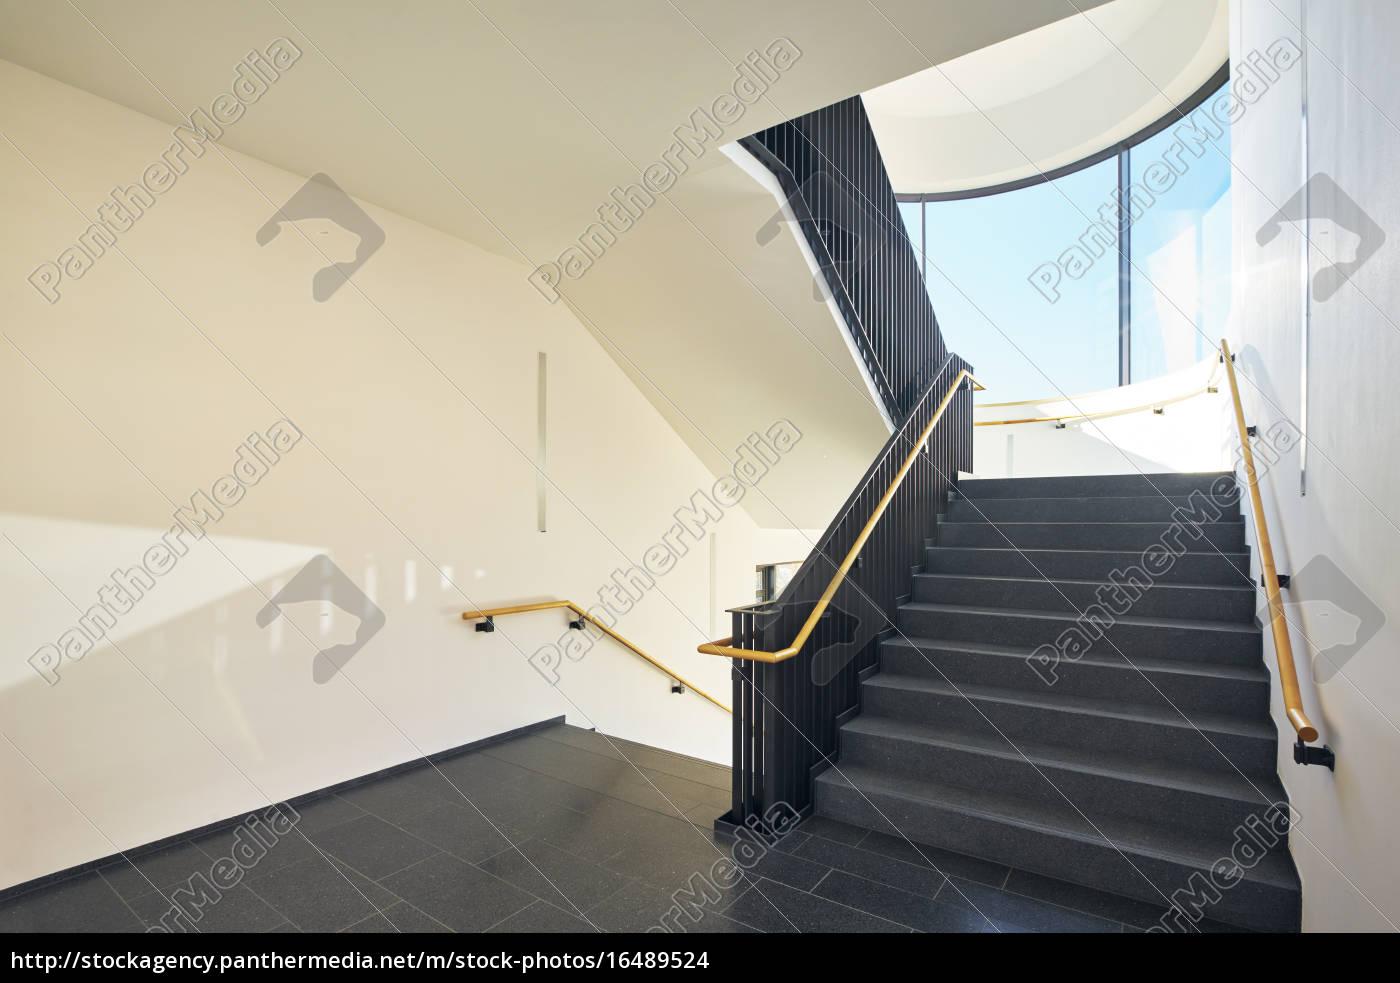 Beliebt Treppenhaus modern Gebäude Fenster - Lizenzfreies Foto - #16489524 RV31